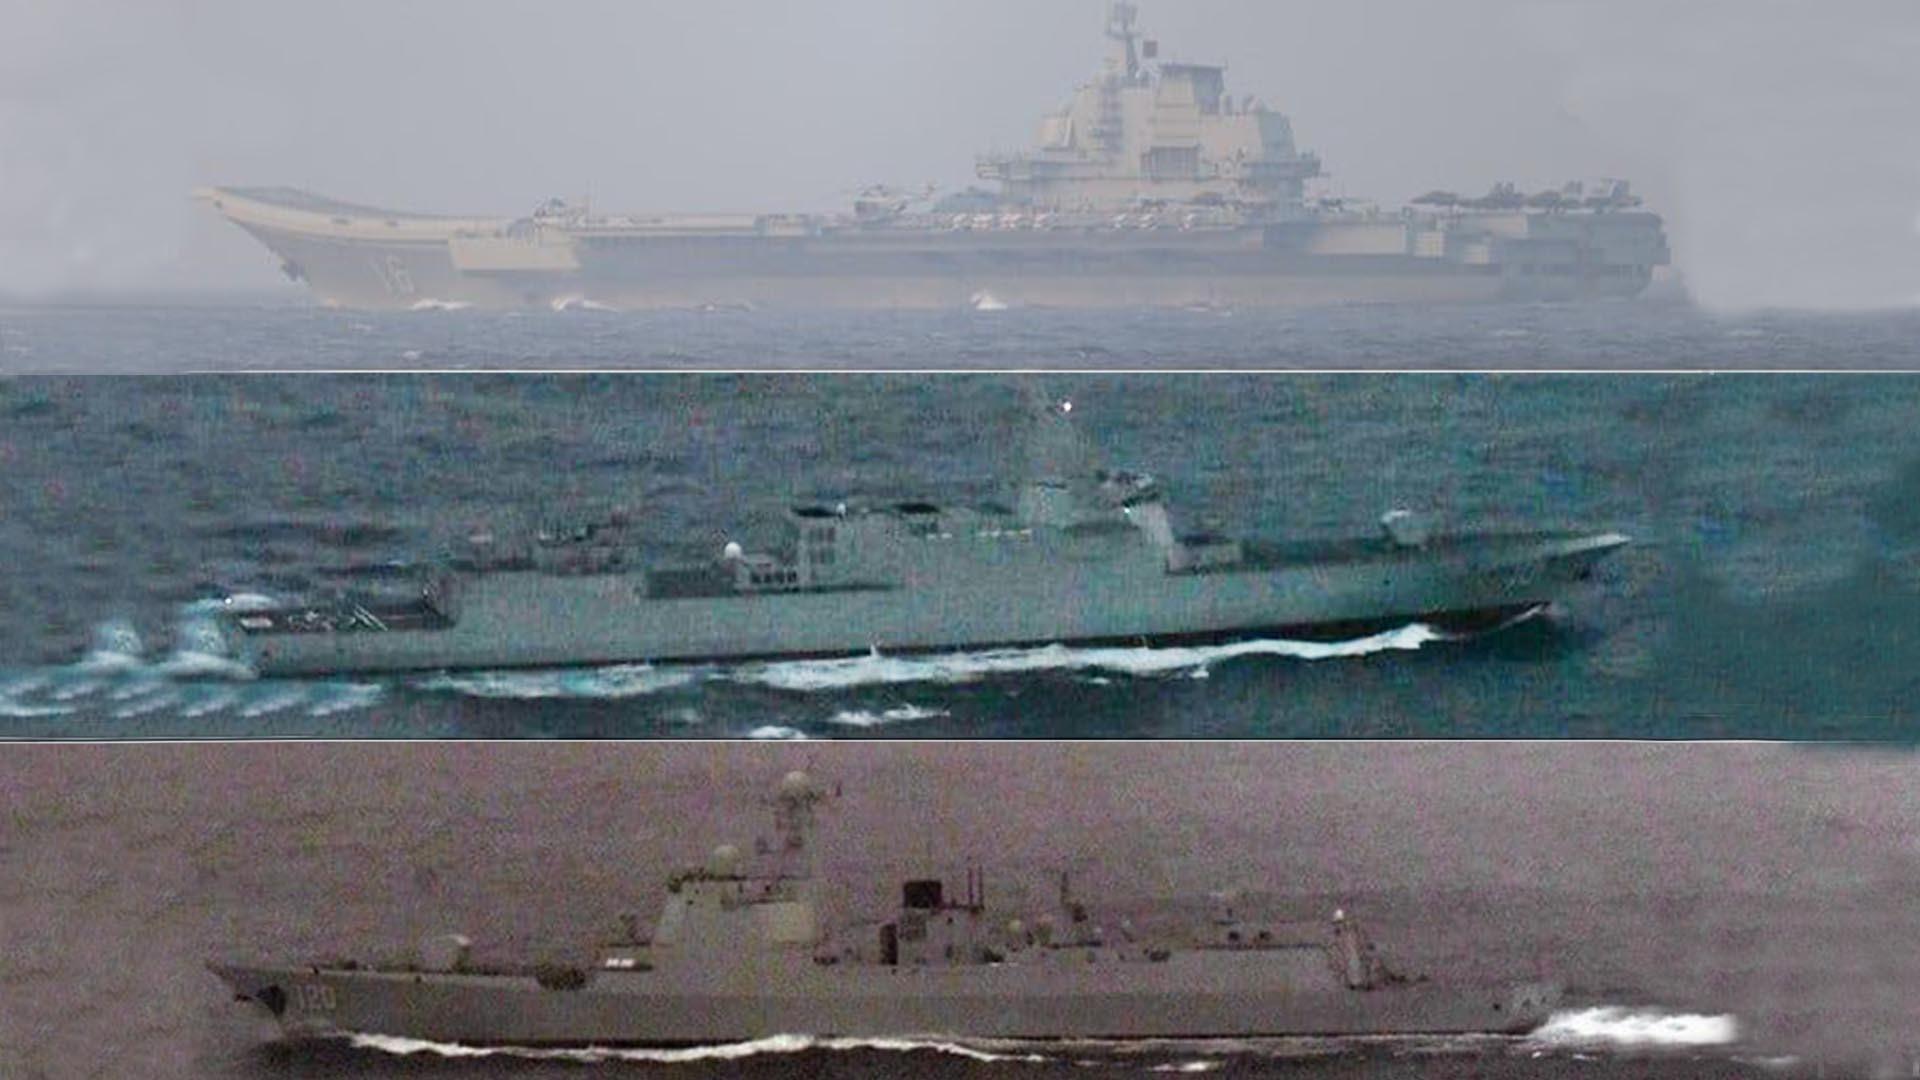 055万吨大驱与辽宁舰首次合体穿航宫古海峡